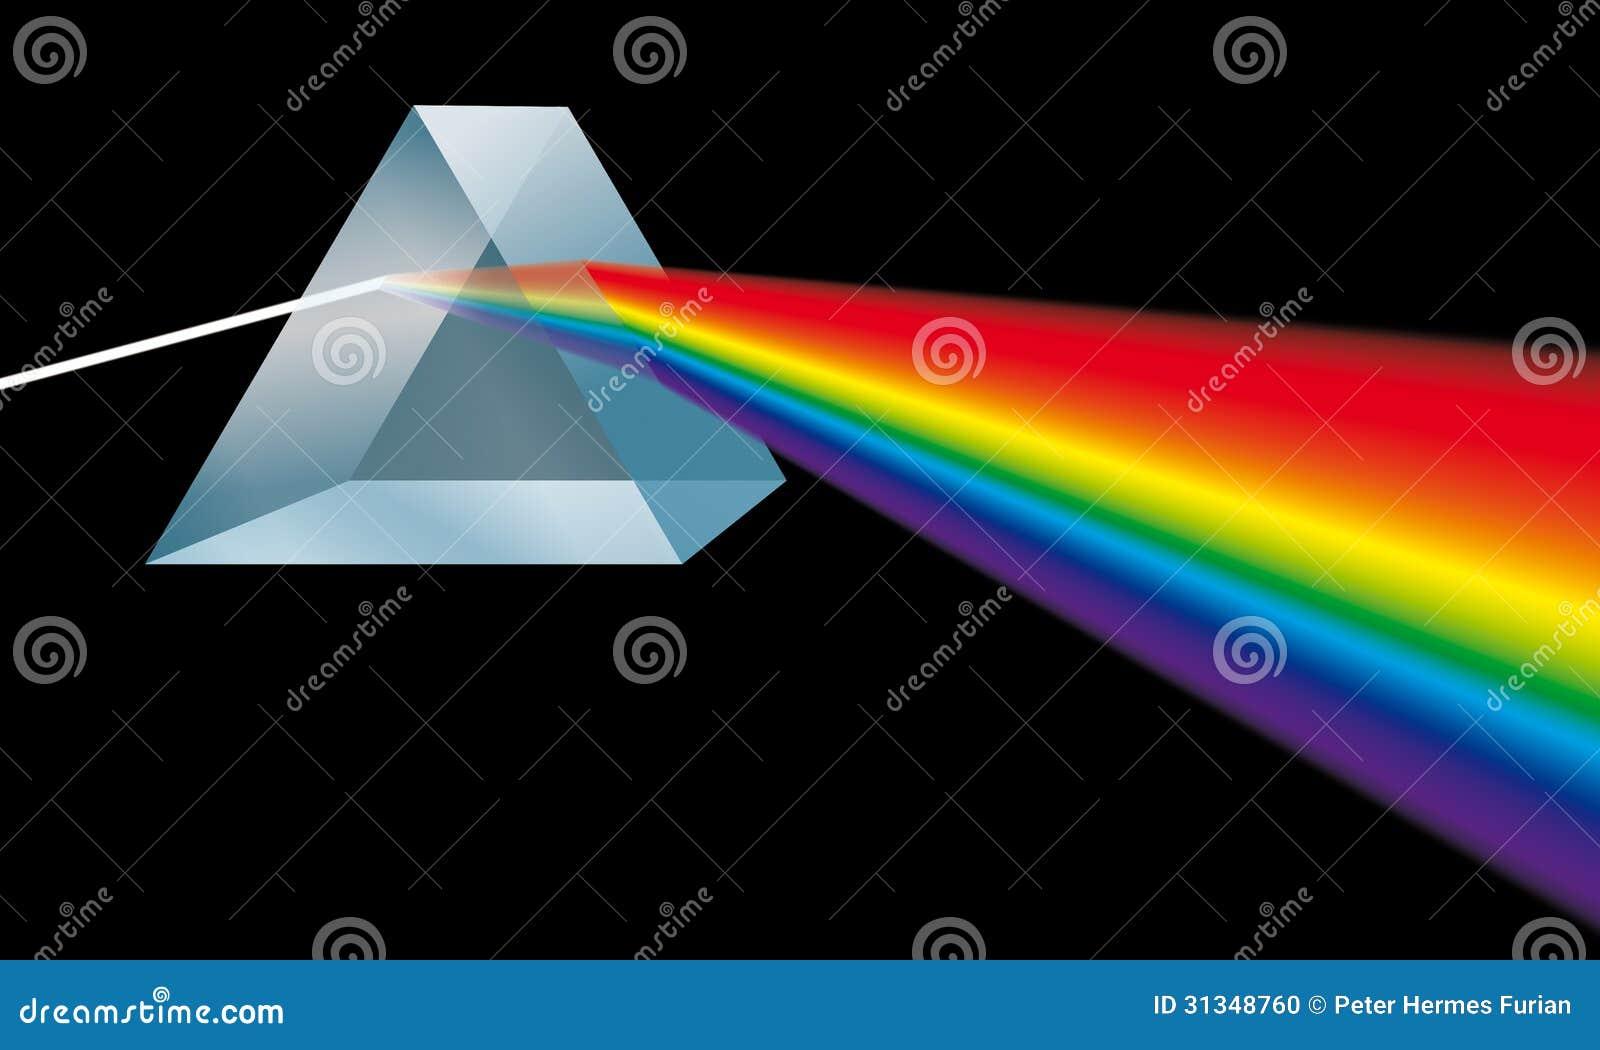 Trójgraniastego graniastosłupa przerwy zaświecają w spektralnych kolory